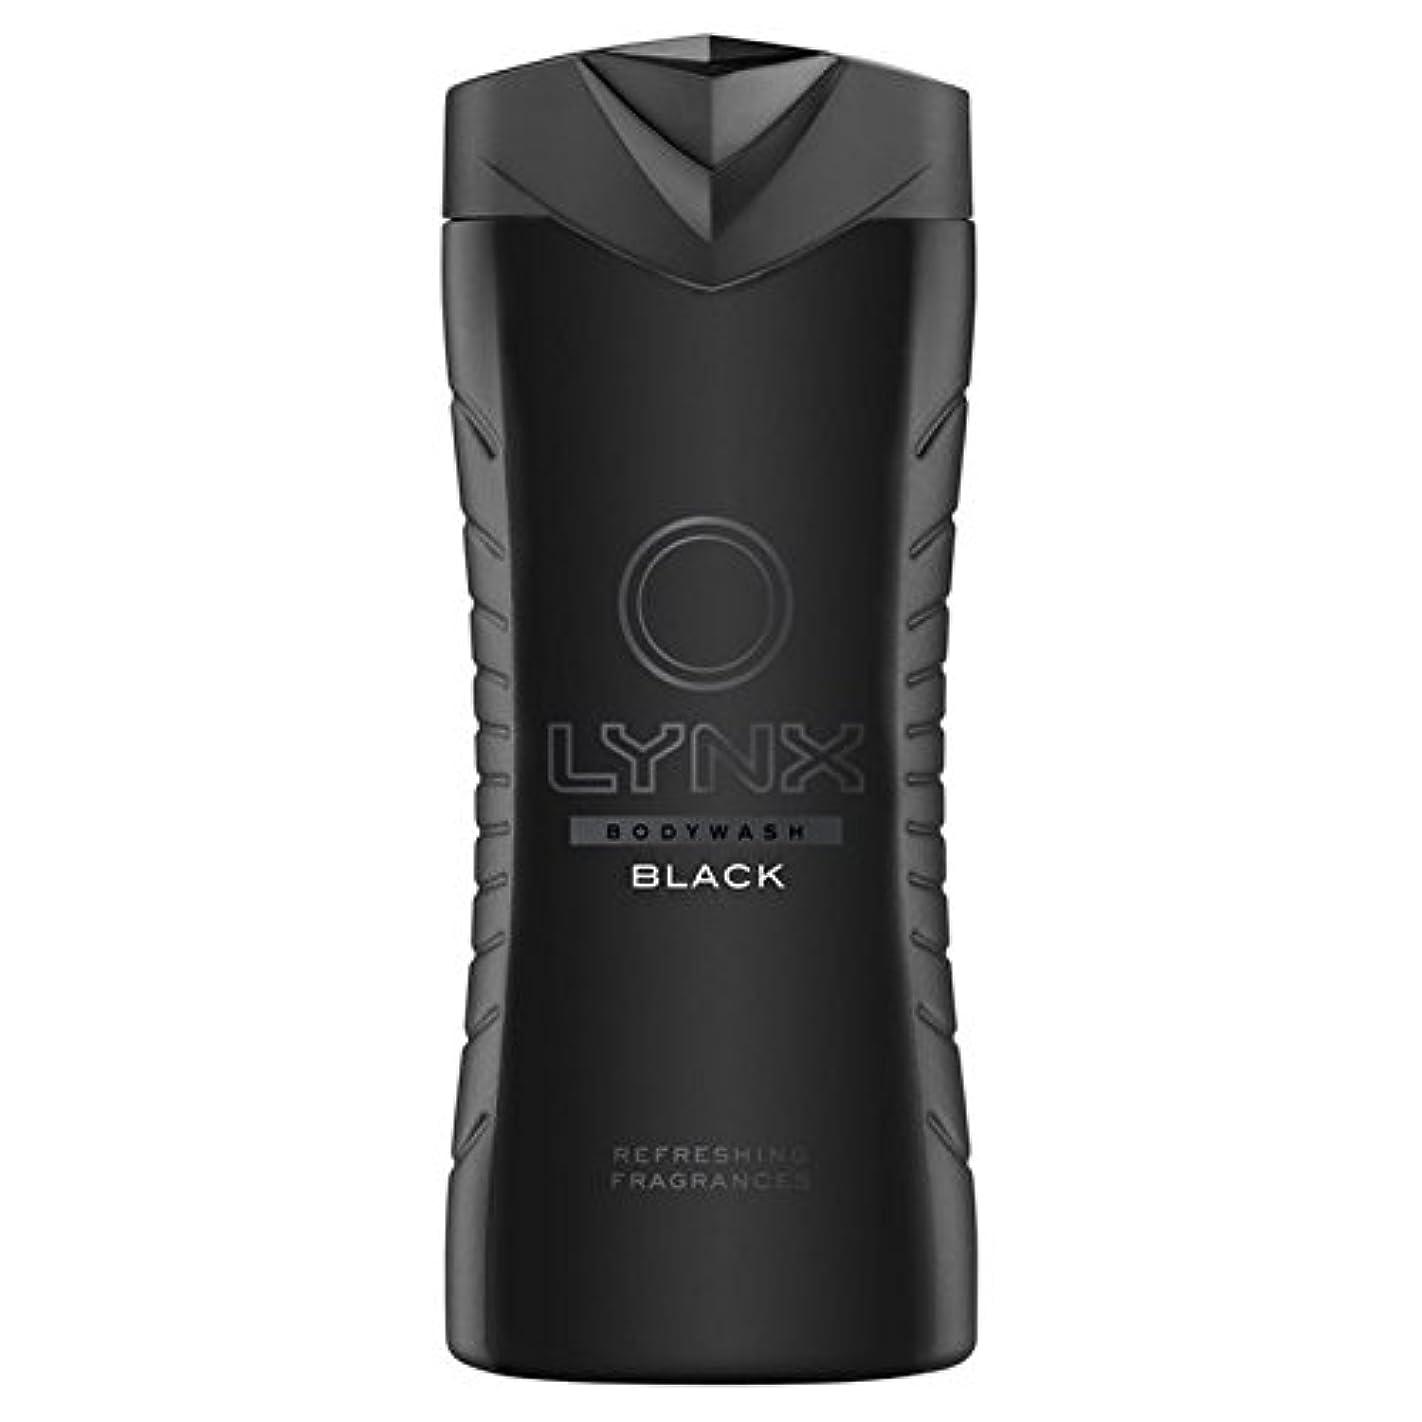 活気づく九時四十五分アミューズオオヤマネコブラックシャワージェル400ミリリットル x4 - Lynx Black Shower Gel 400ml (Pack of 4) [並行輸入品]